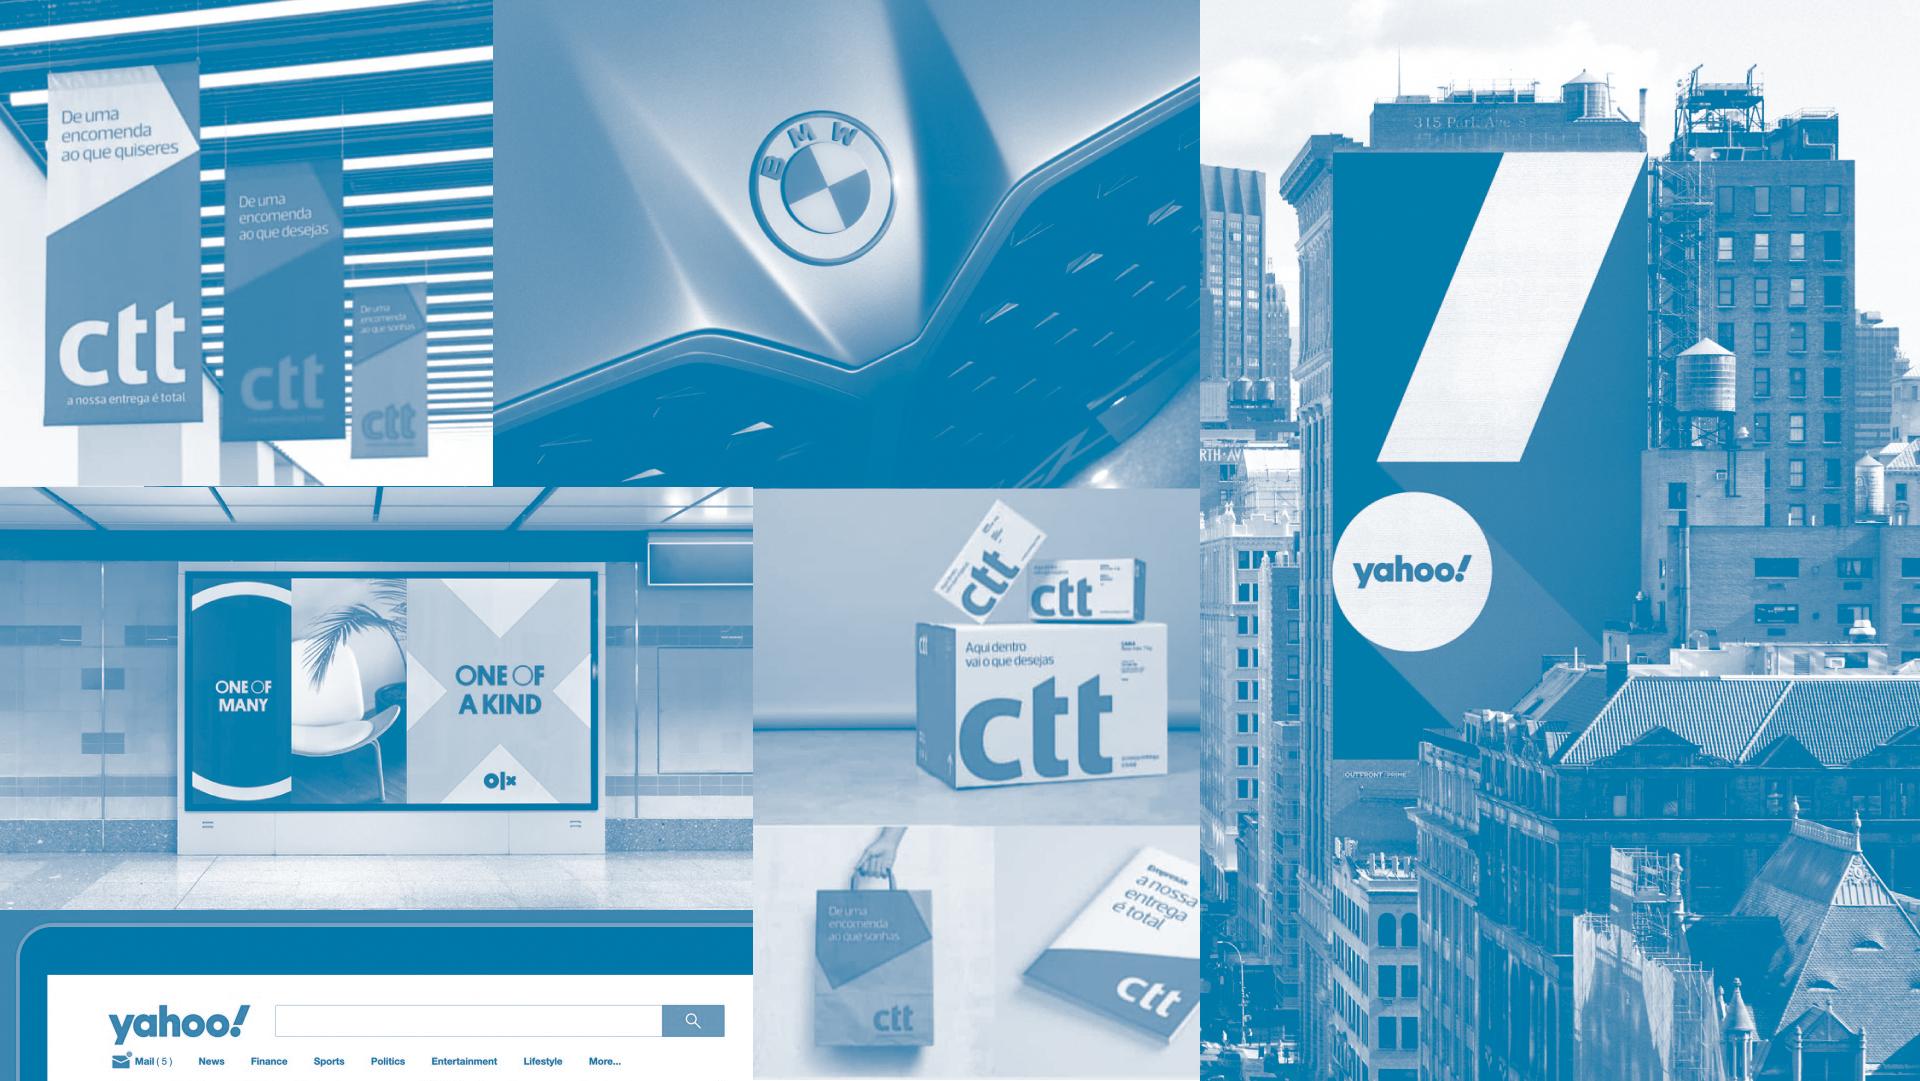 renovação de identidade das marcas no ano 2020